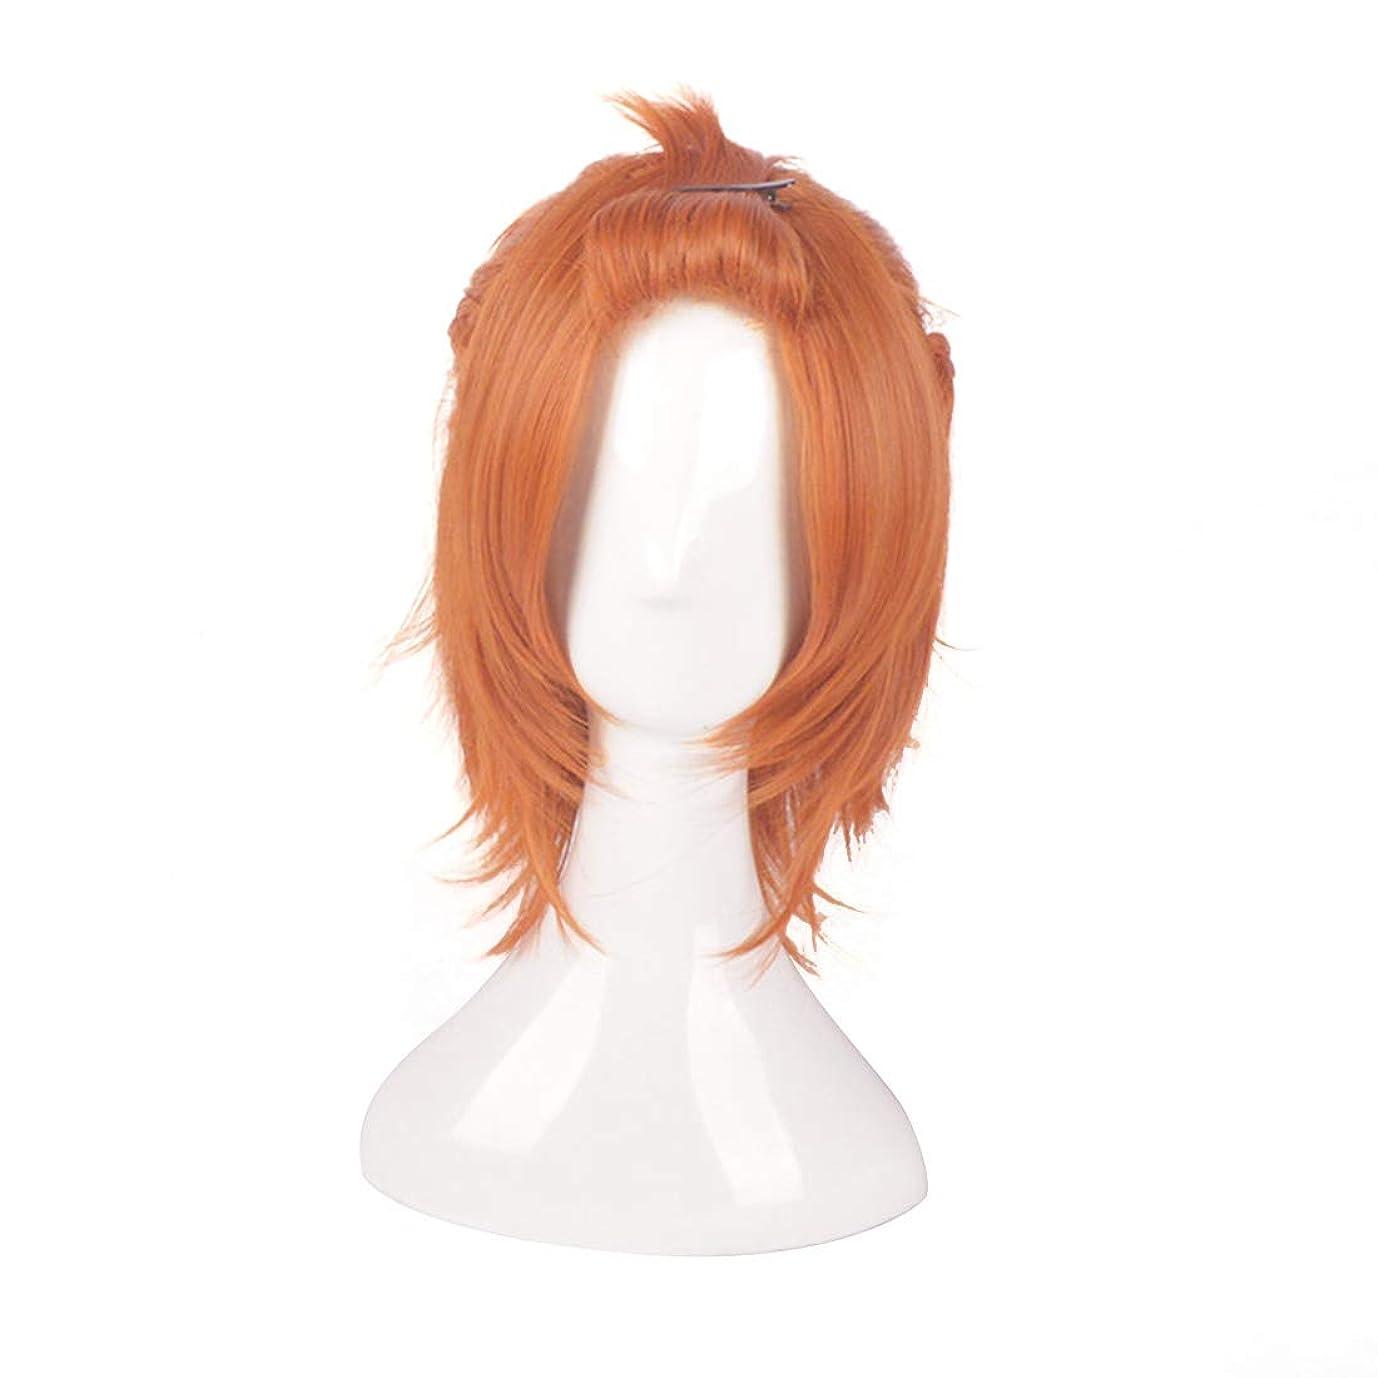 アルコールモードリン論理的にKoloeplf ショートヘアオレンジマイクロショートヘアヨーロッパとアメリカアニメスタイルウィッグコスプレウィッグ君のために (Color : オレンジ)